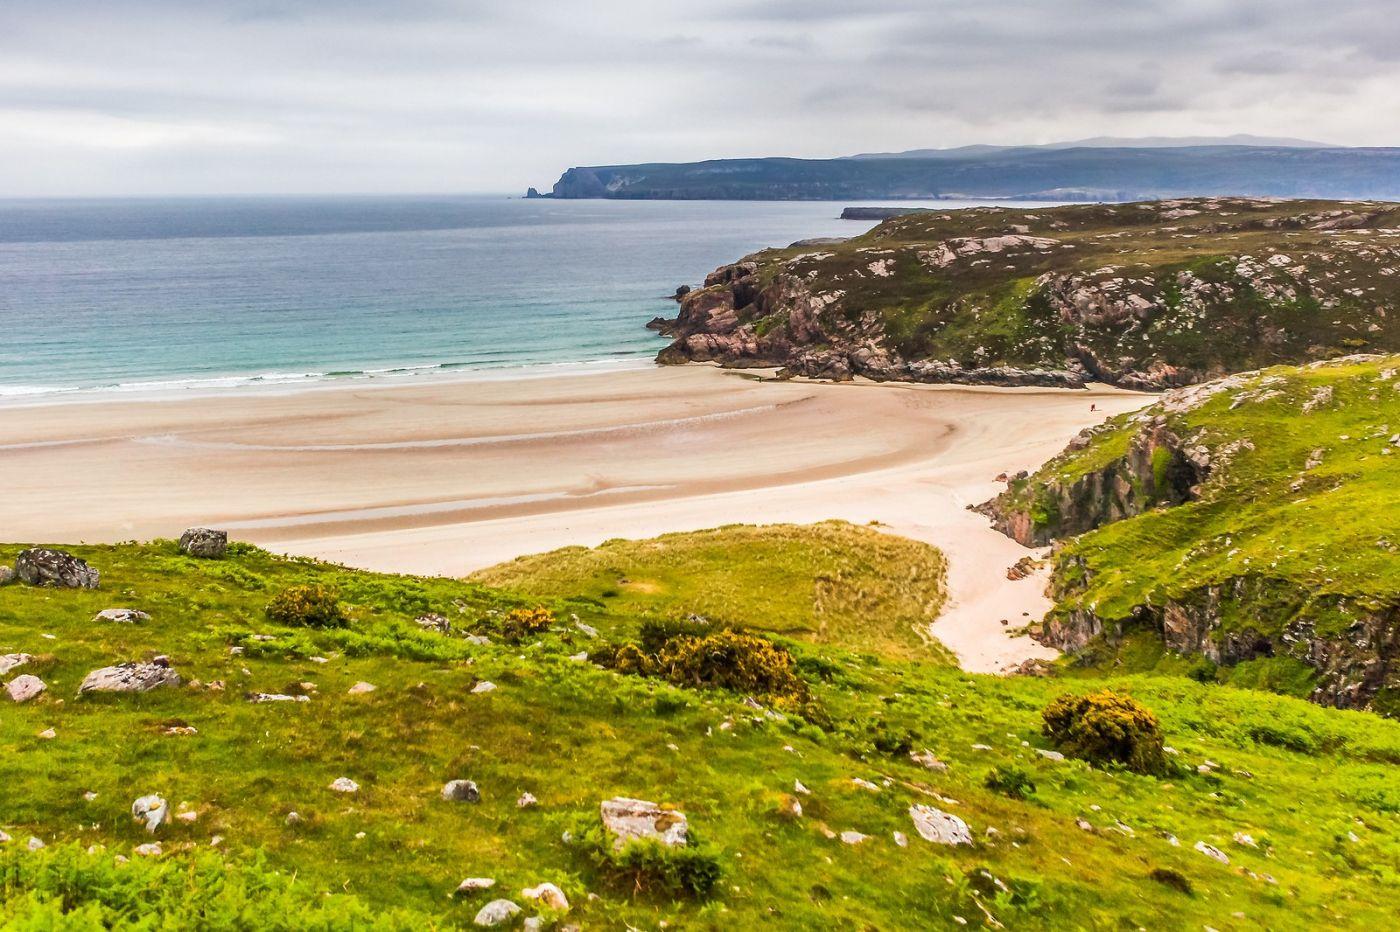 苏格兰美景,弯弯的沙滩_图1-4